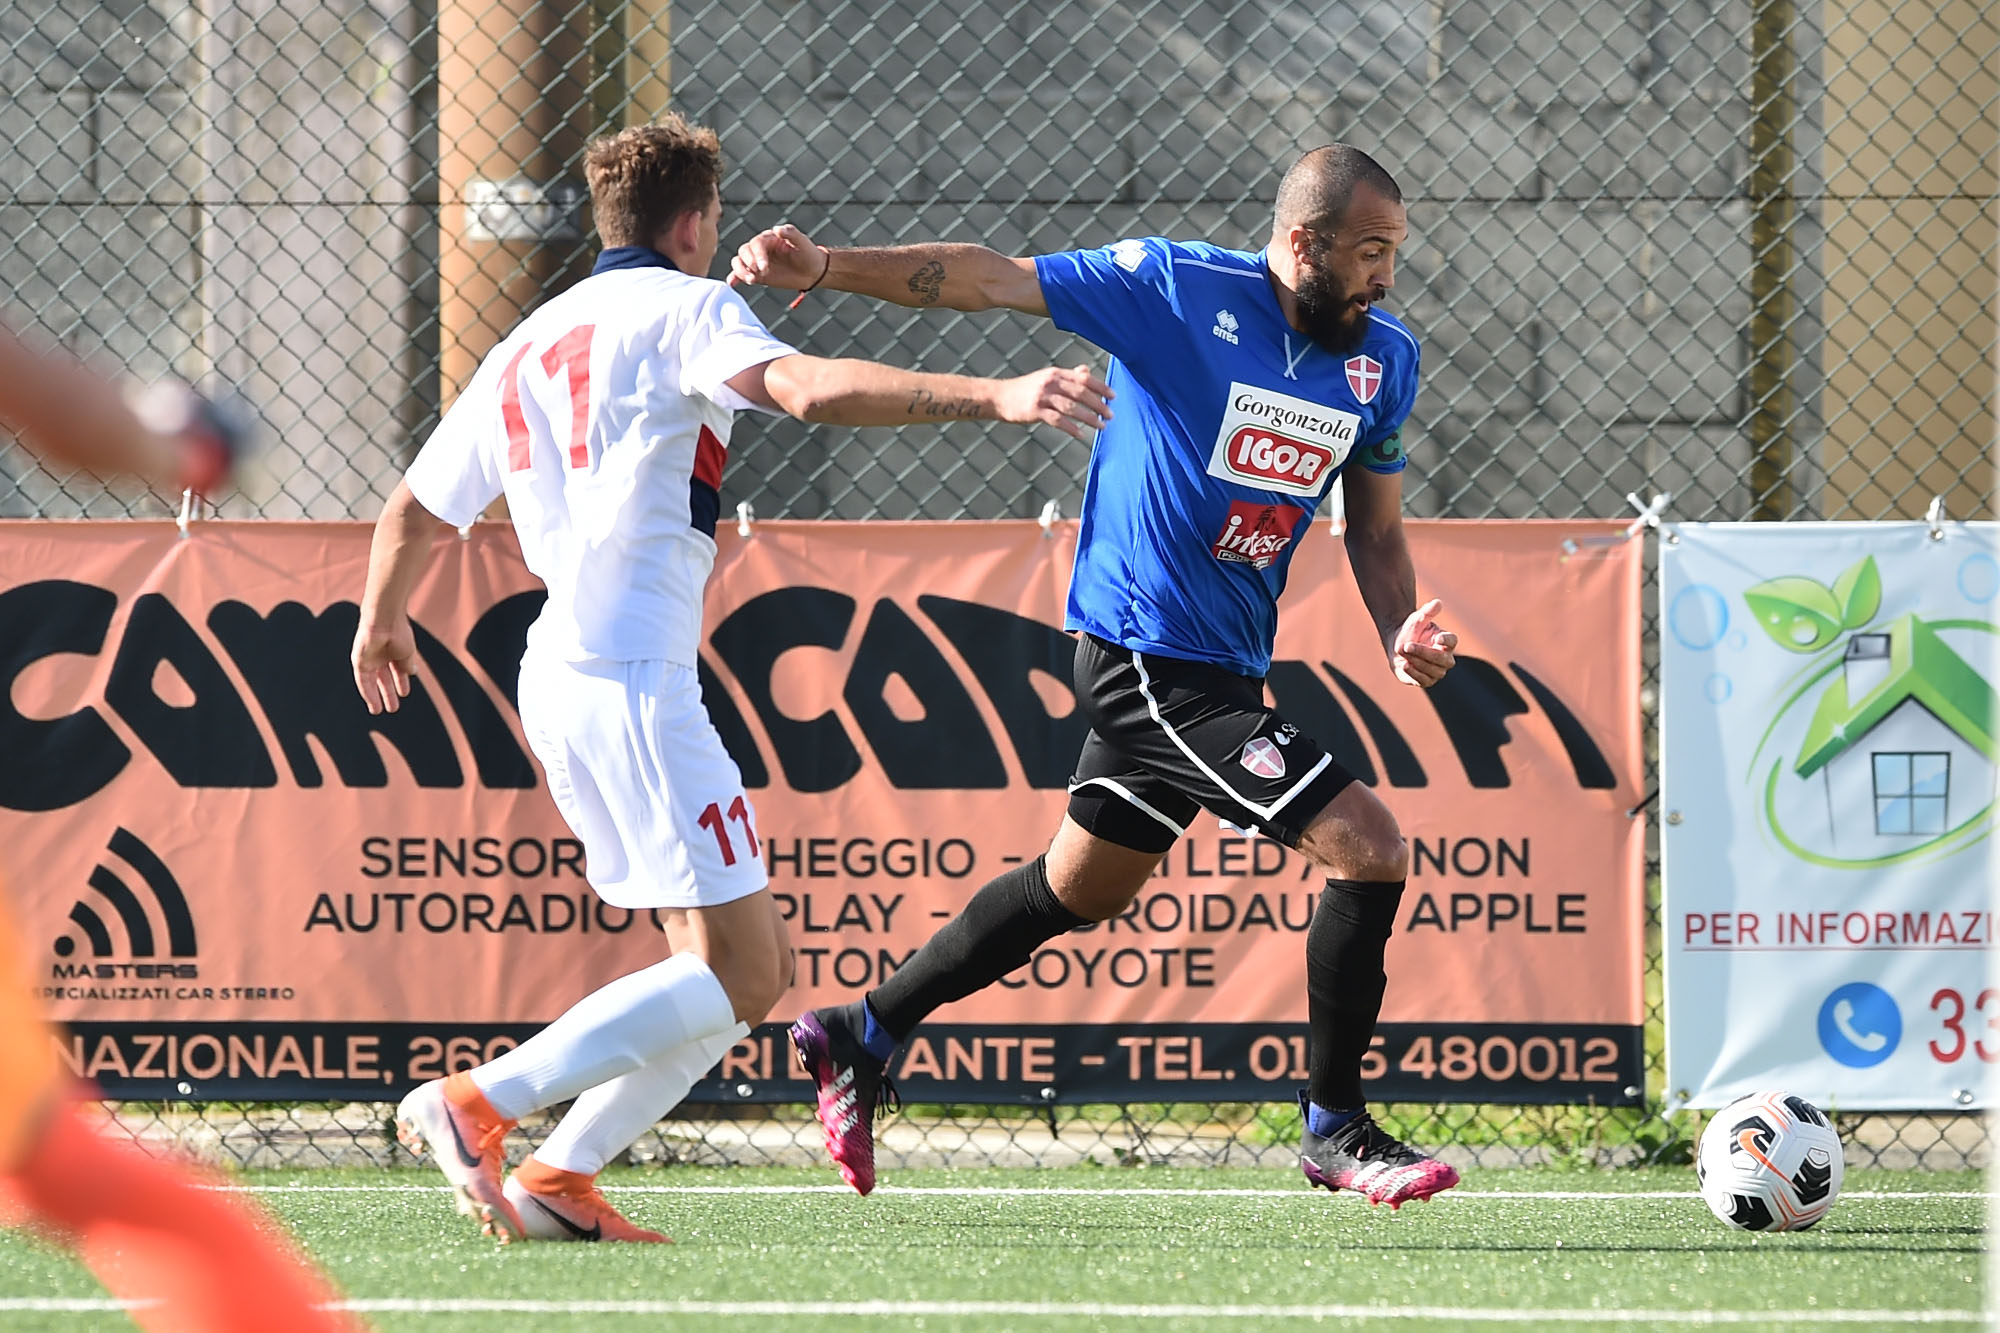 Read more about the article Sestri Levante-Novara 1-1 | Tabellino del match